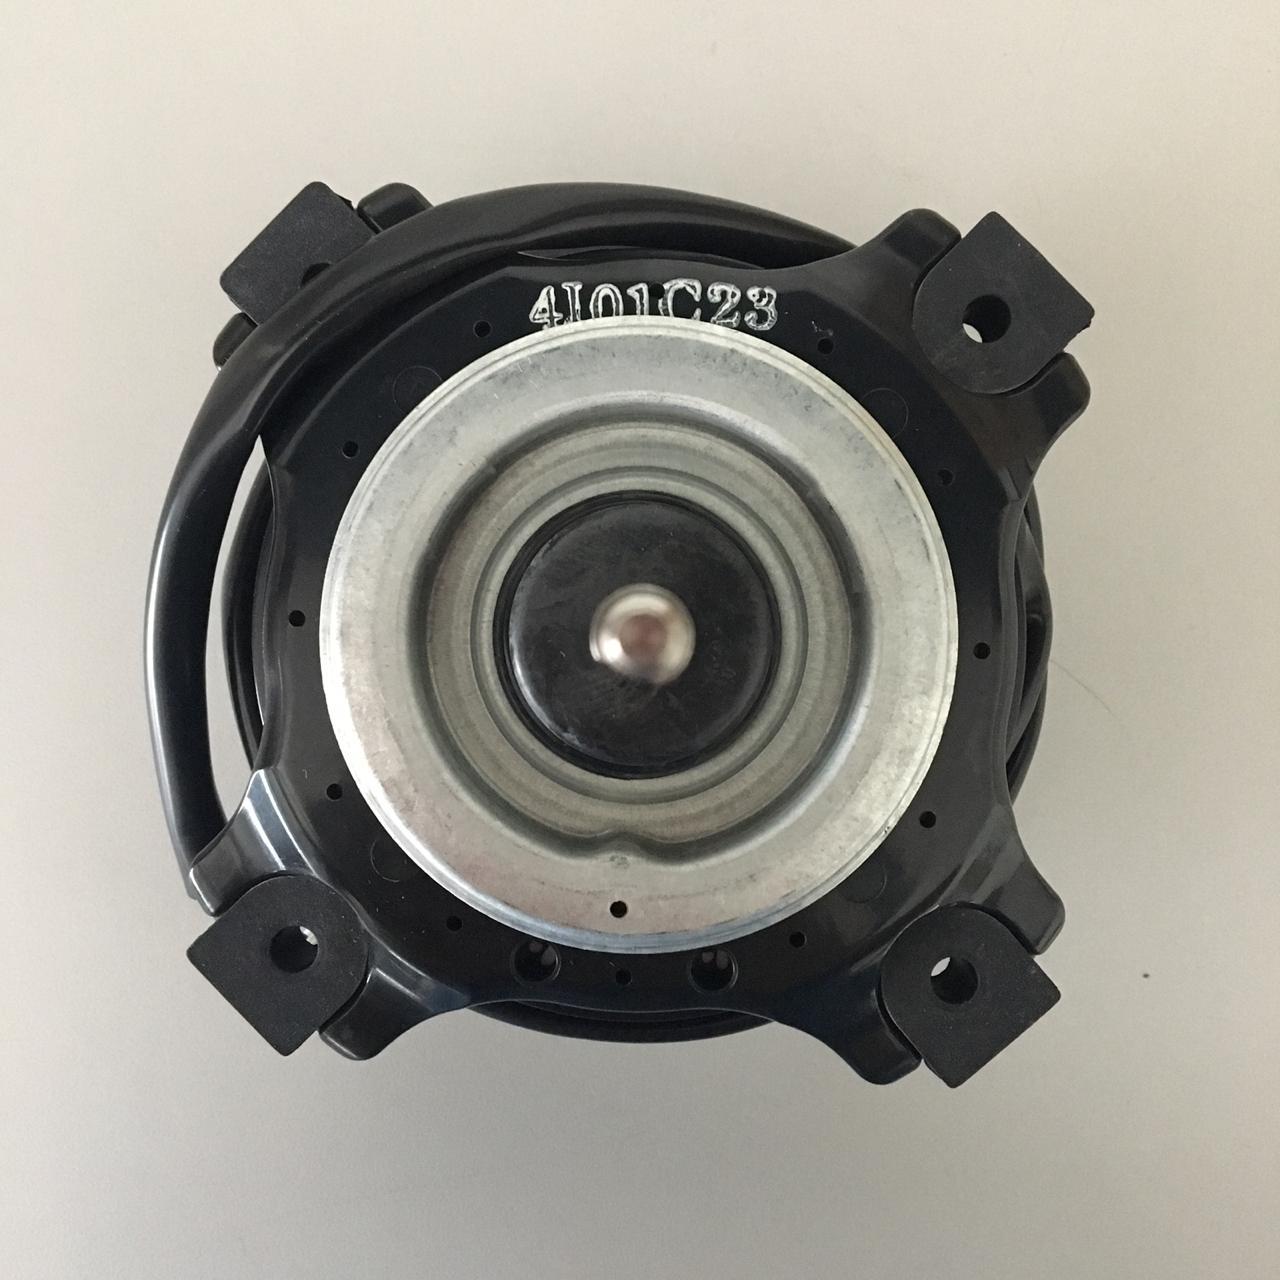 Motor Ventilador Condensadora Modelo RAM72QH5B e RRMB8L51 Hitachi